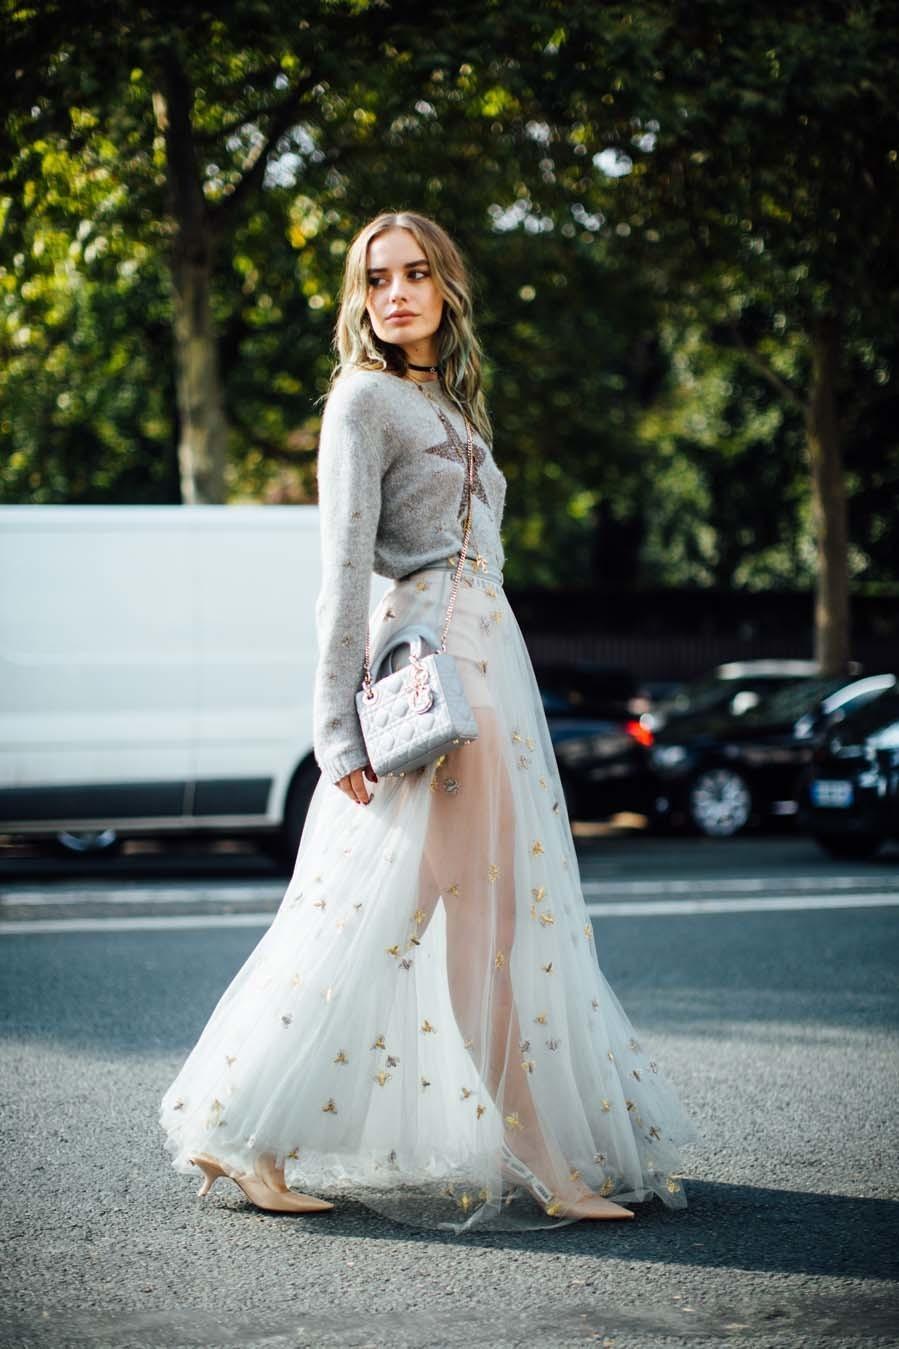 Claves de estilo para lucir una falda de tul, una prenda tan romántica como estilosa que arrasa en el street-style  – Moda